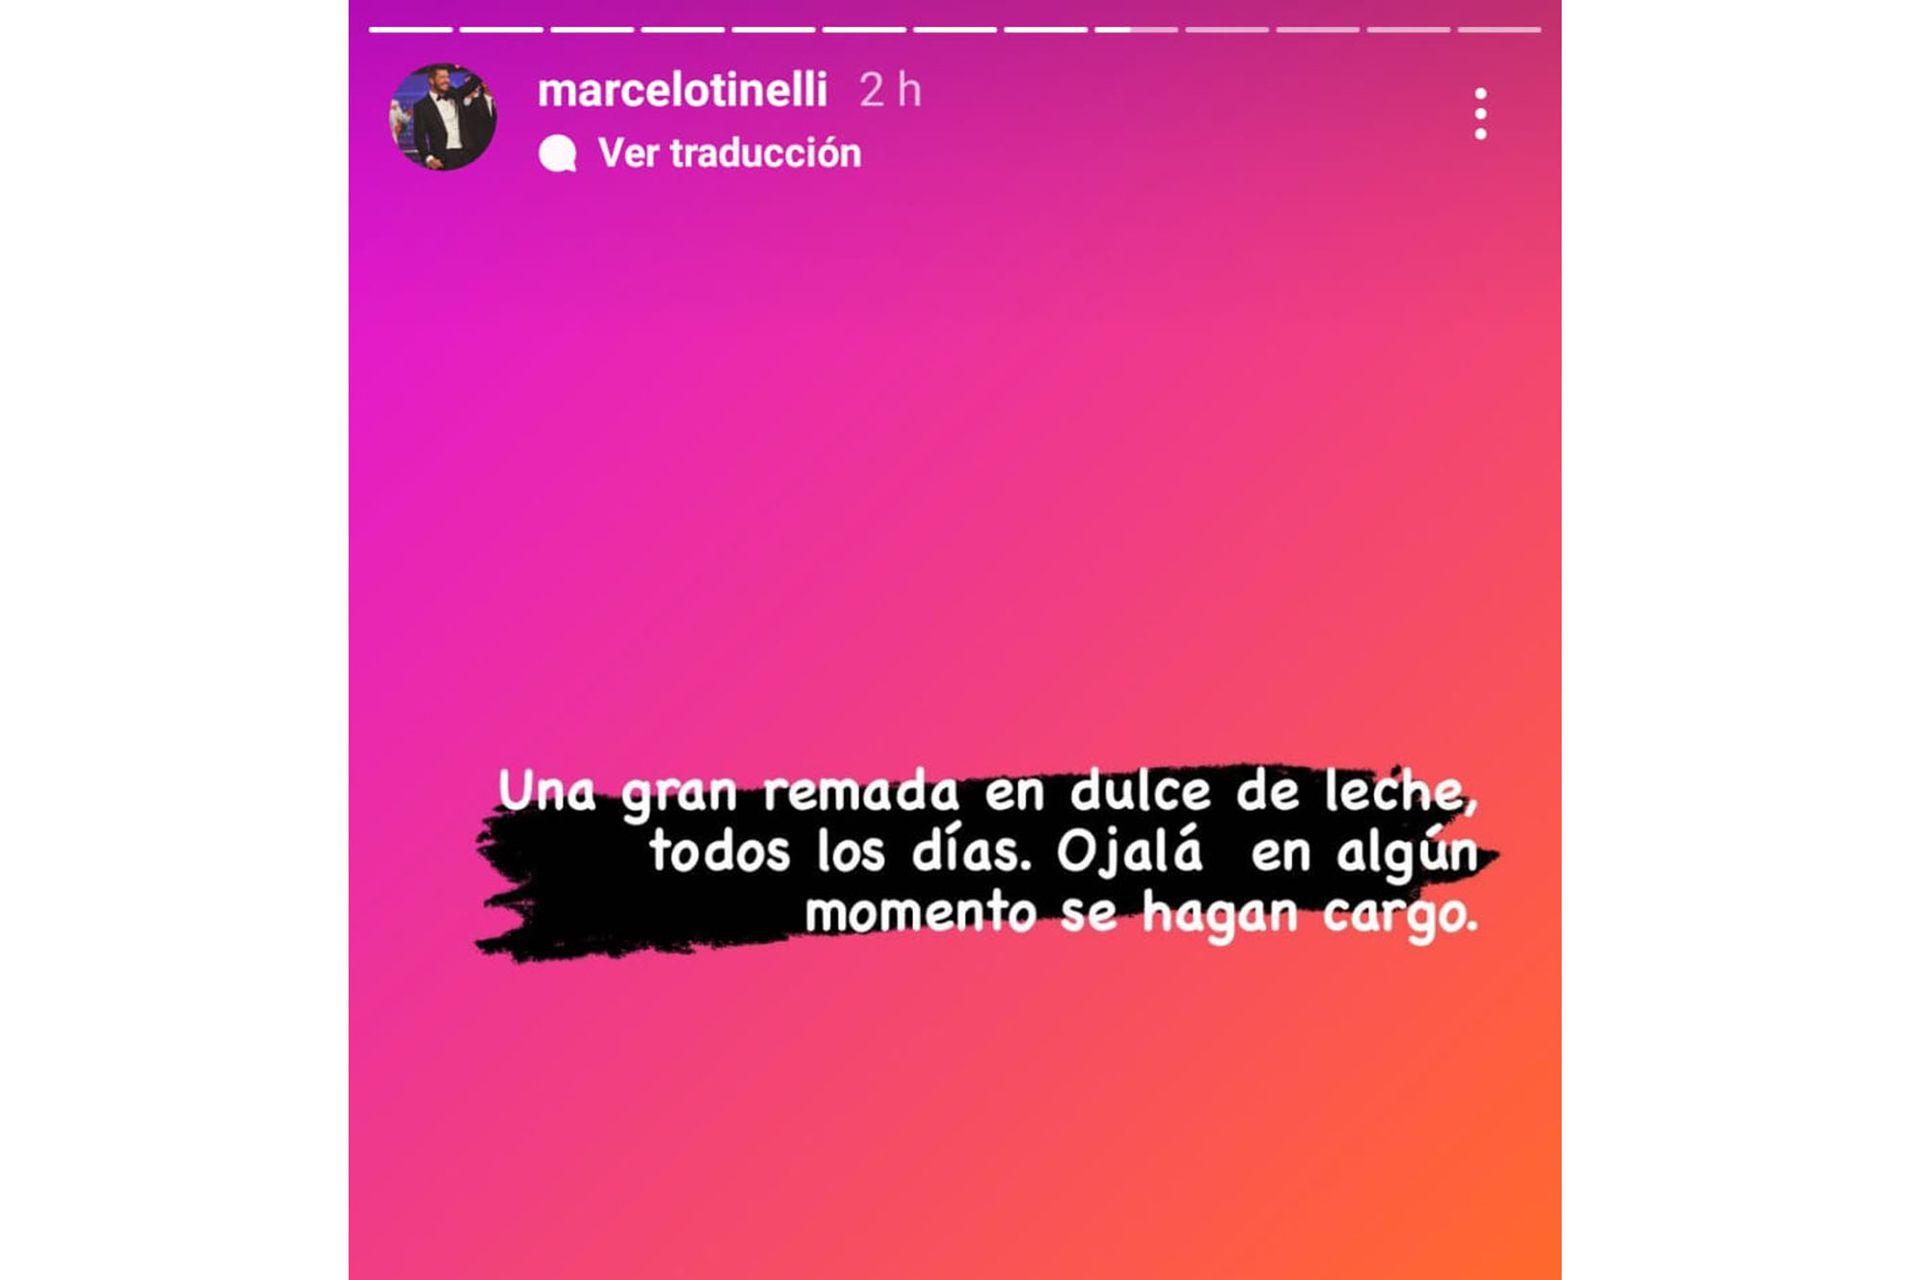 Marcelo Tinelli y su descargo en las redes. Captura de pantalla.